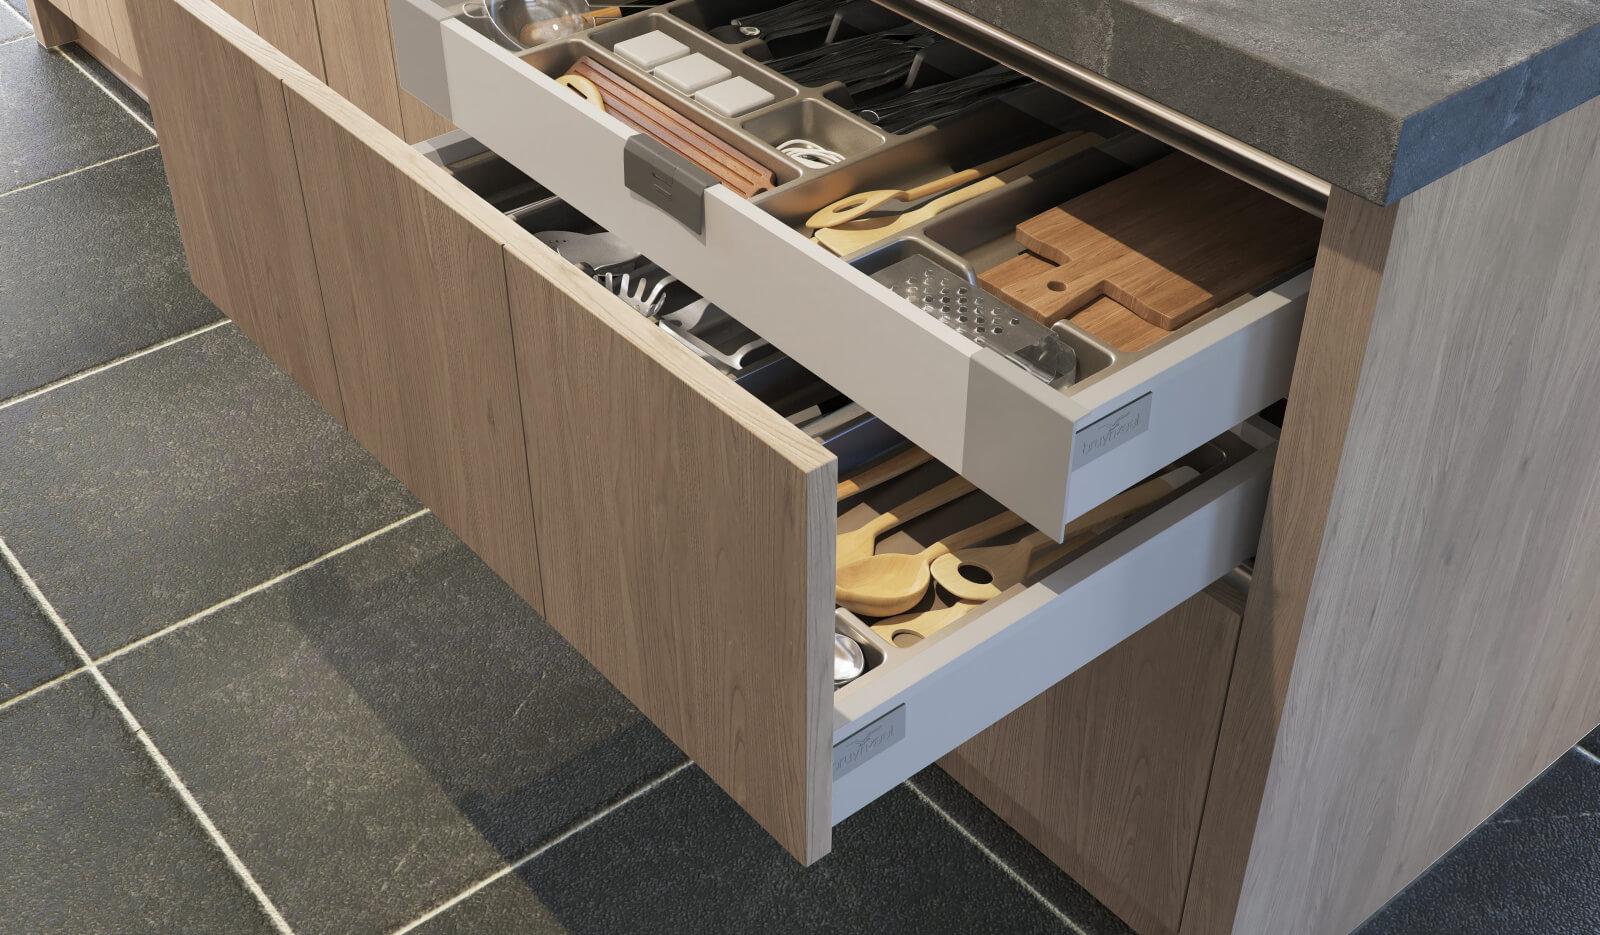 Keuken Aerdenhout Stroken 20 grijs eiken - Bestek- en voorraadlade